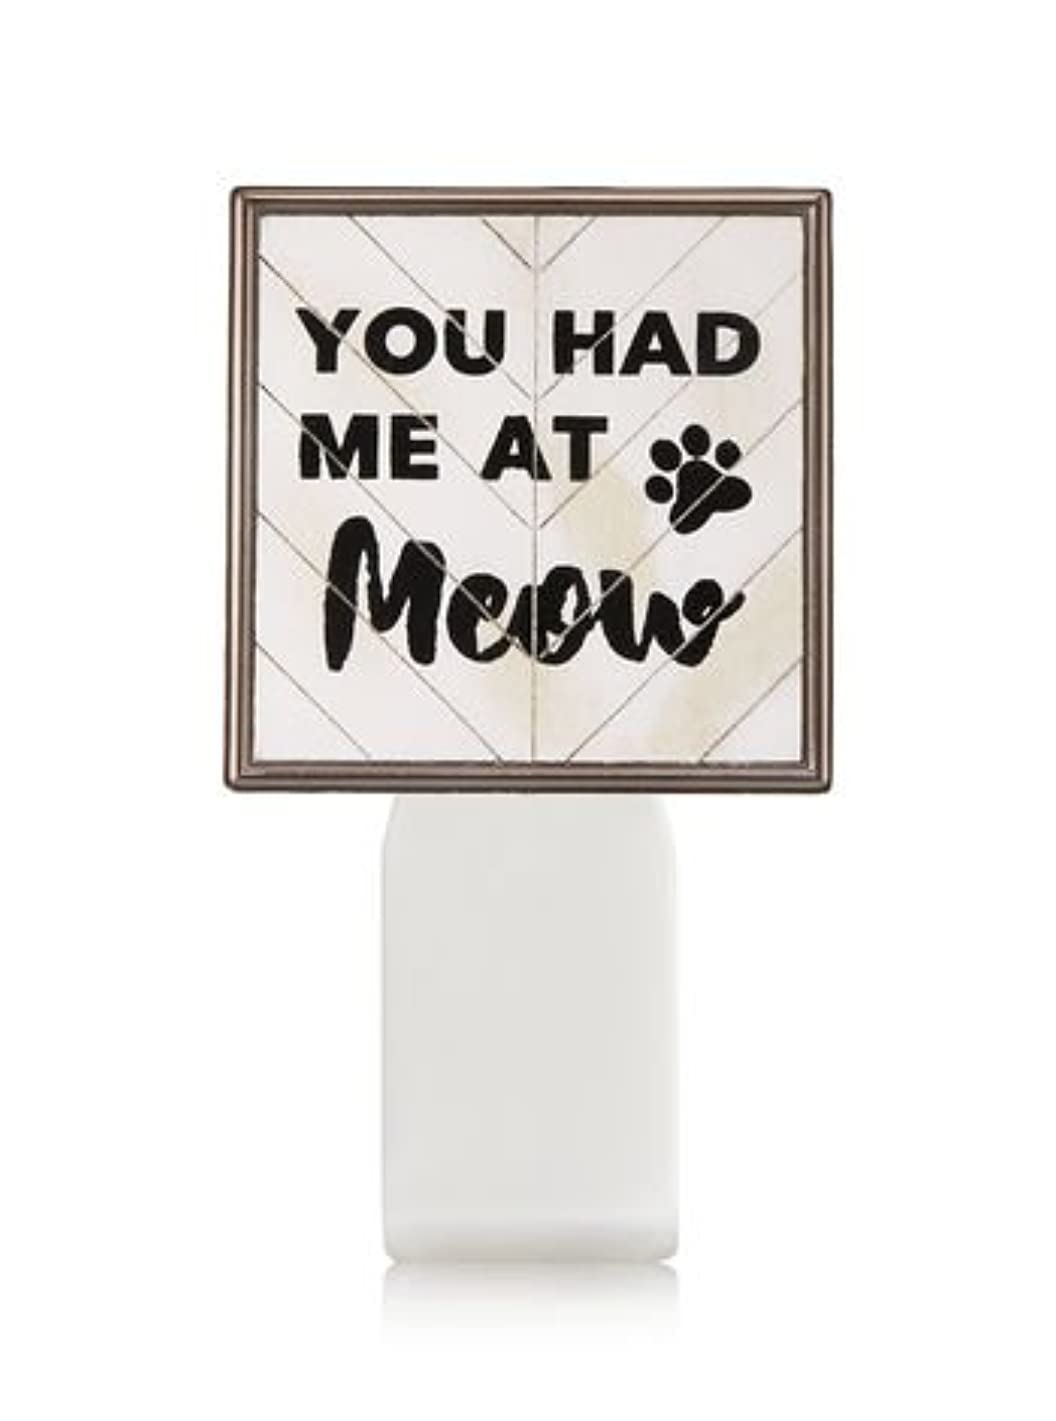 ベーリング海峡イタリアの一掃する【Bath&Body Works/バス&ボディワークス】 ルームフレグランス プラグインスターター (本体のみ) キャット シールド Wallflowers Fragrance Plug You Had Me At Meow...